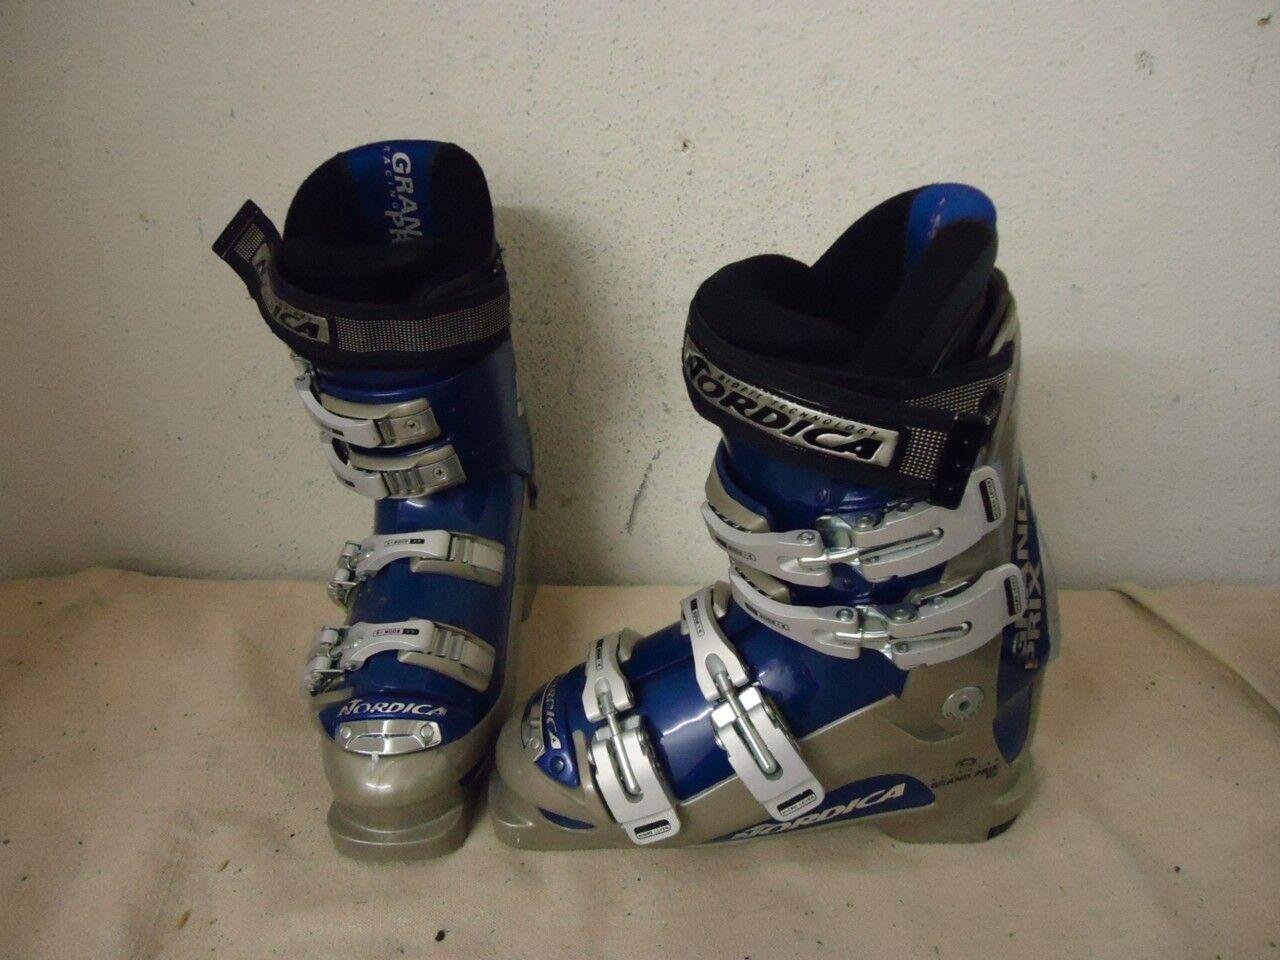 NORDICA Grand Prix Women's Ski Boots Size 24.5 Mondo